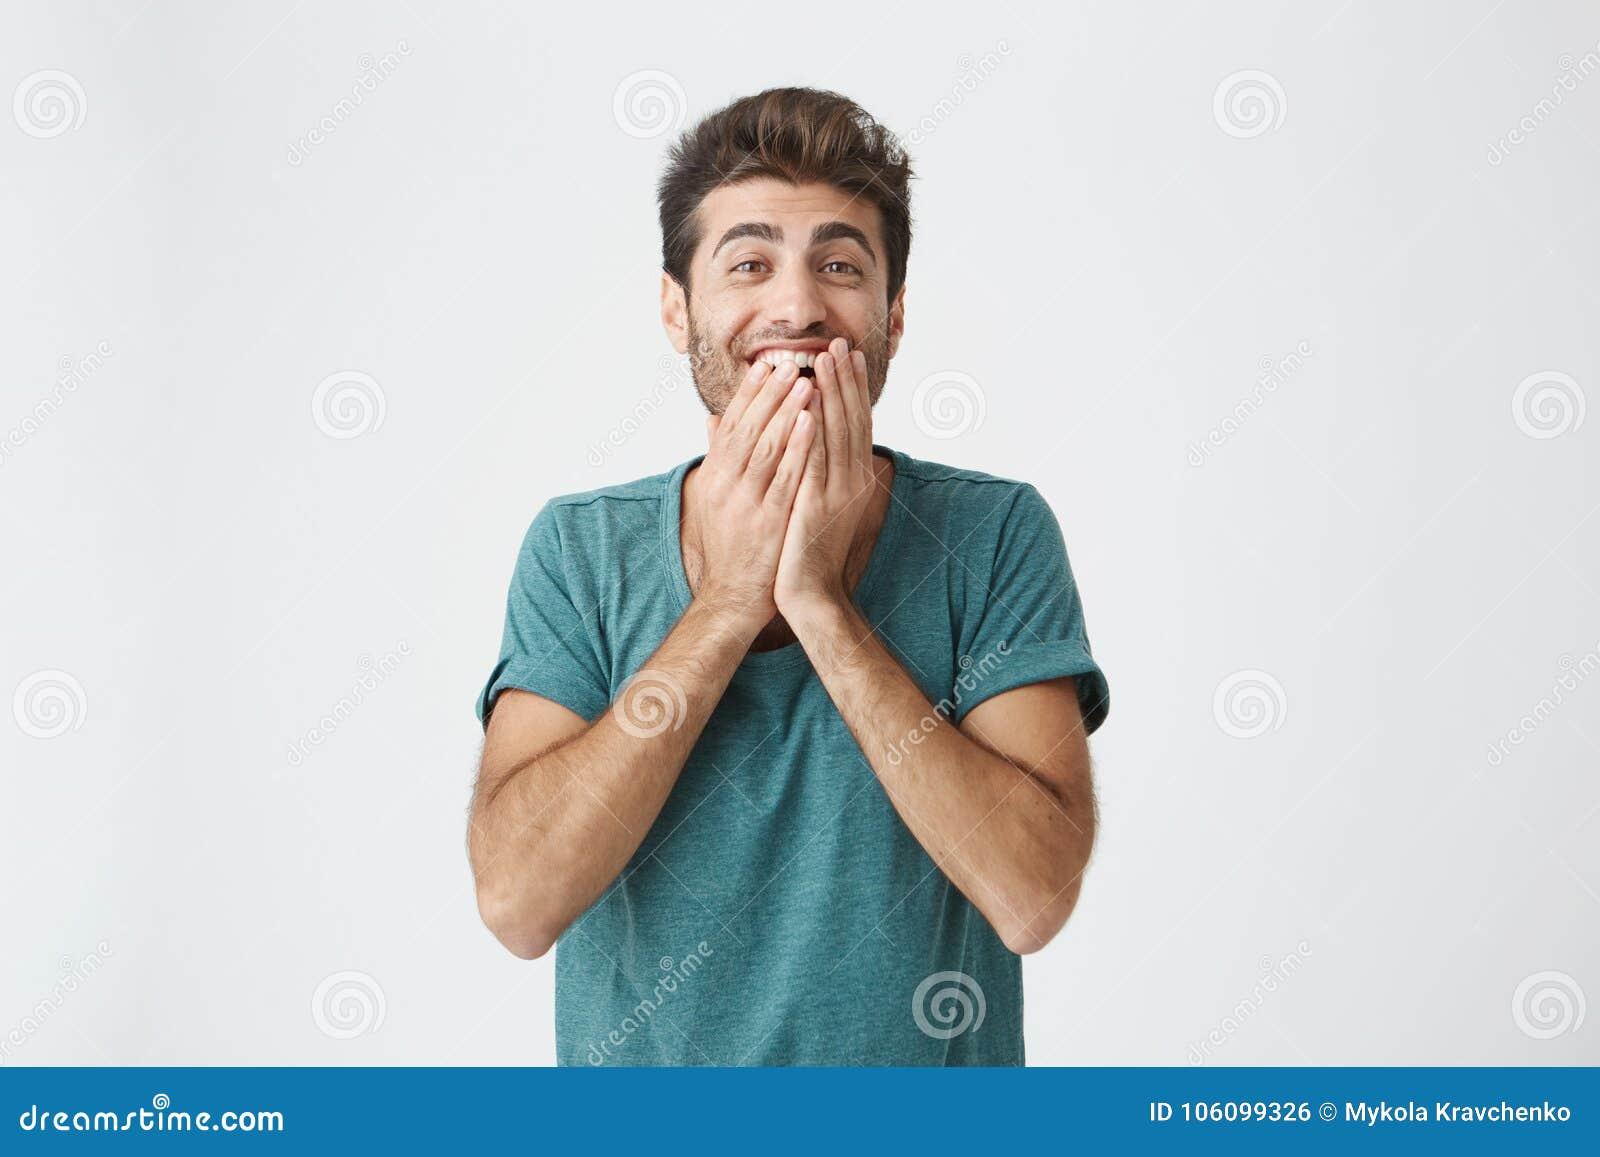 Expresiones, emociones y sensaciones del rostro humano Hombre joven barbudo asombroso y sorprendido en camiseta azul que señala e